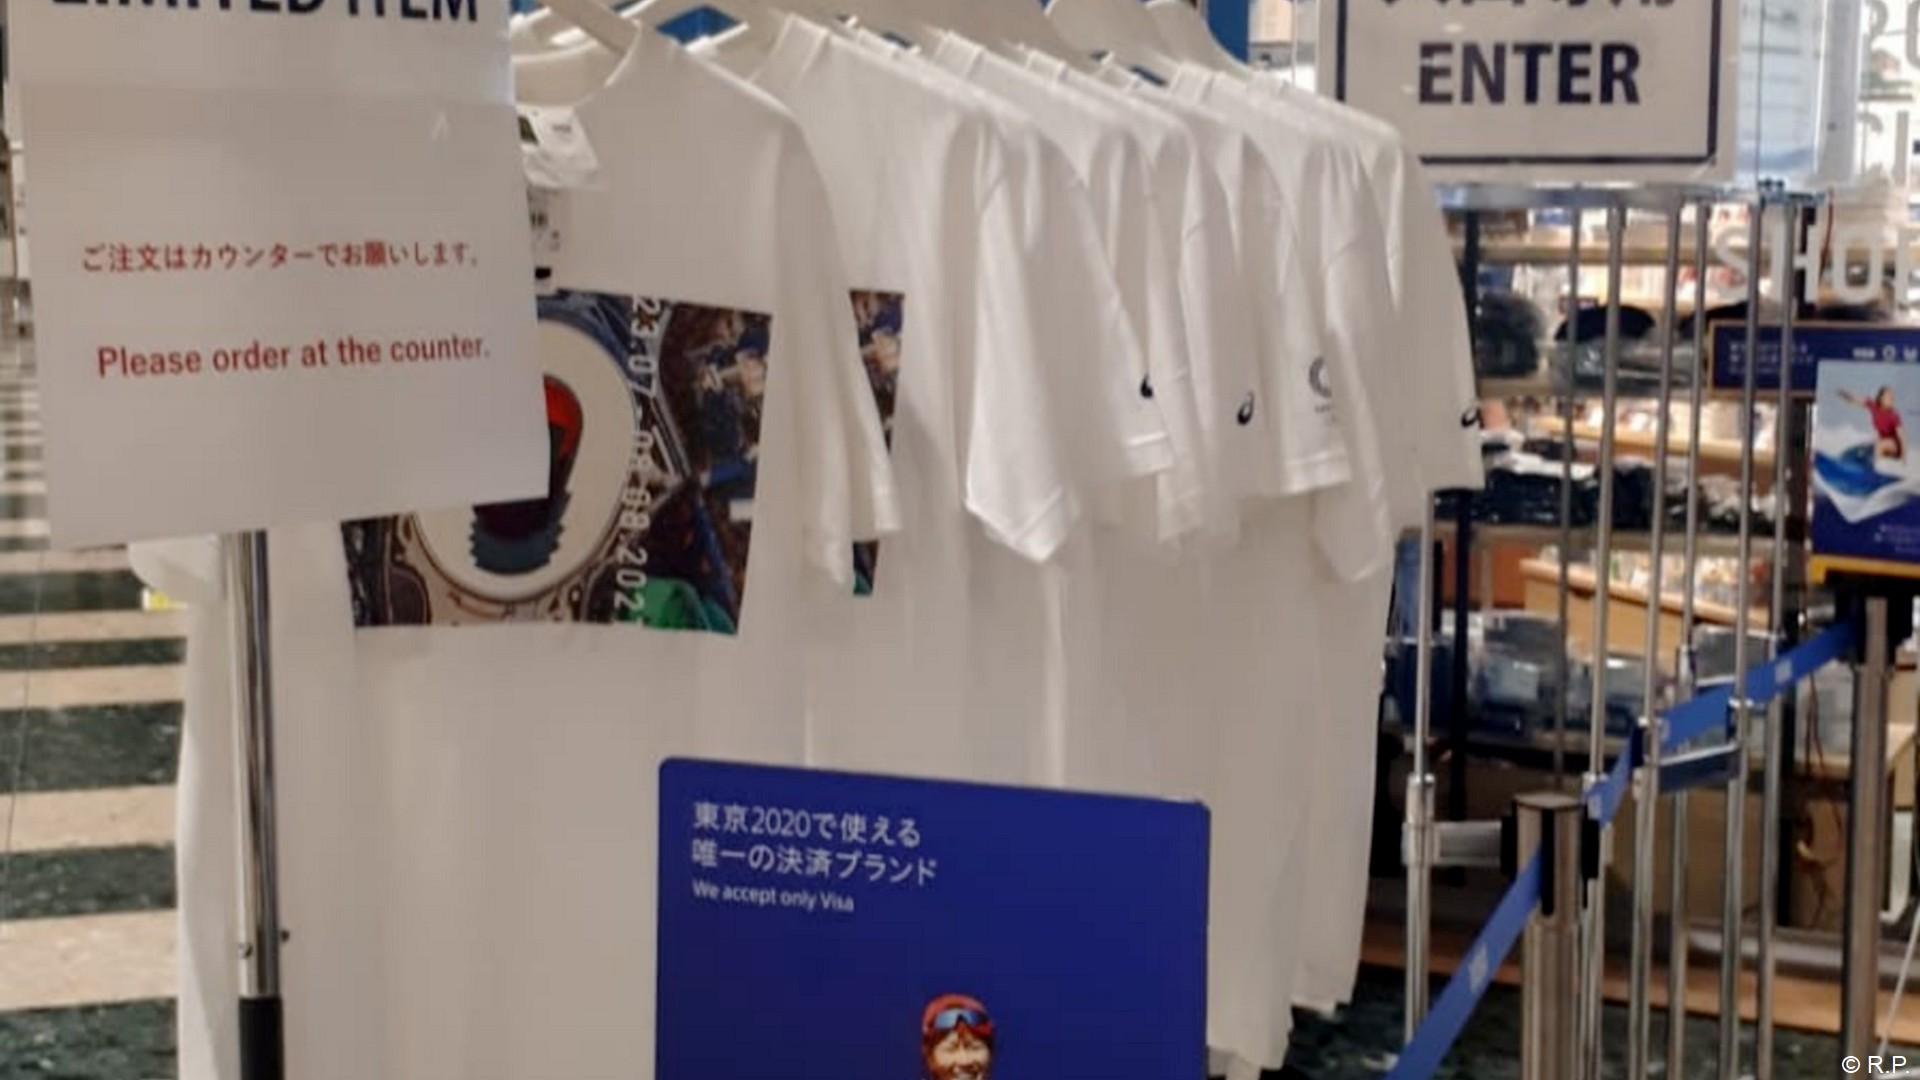 Tokyo 2020 – Merchandising